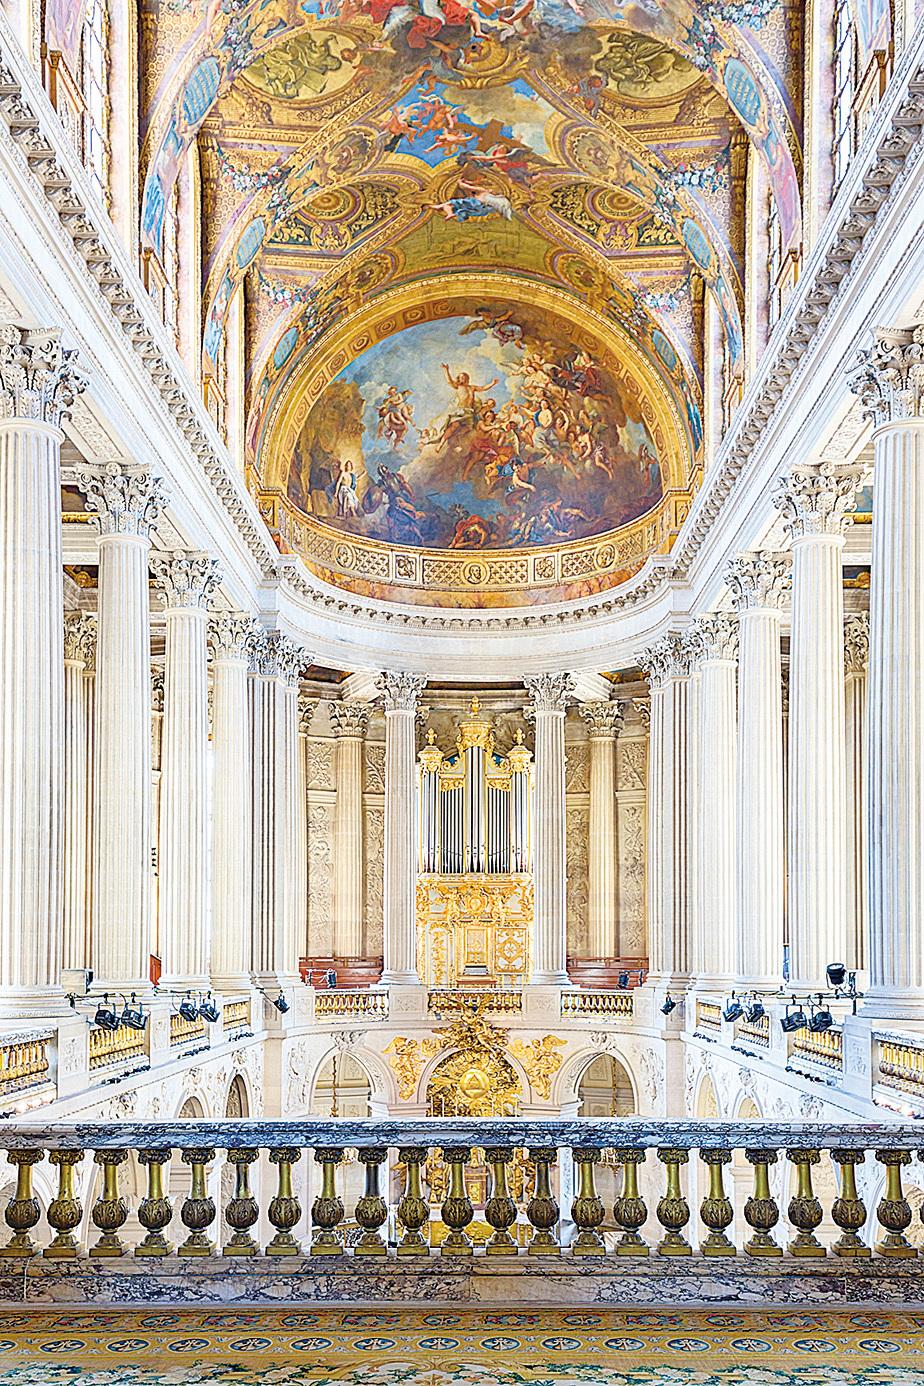 凡爾賽宮皇家禮拜堂。(Fotolia)